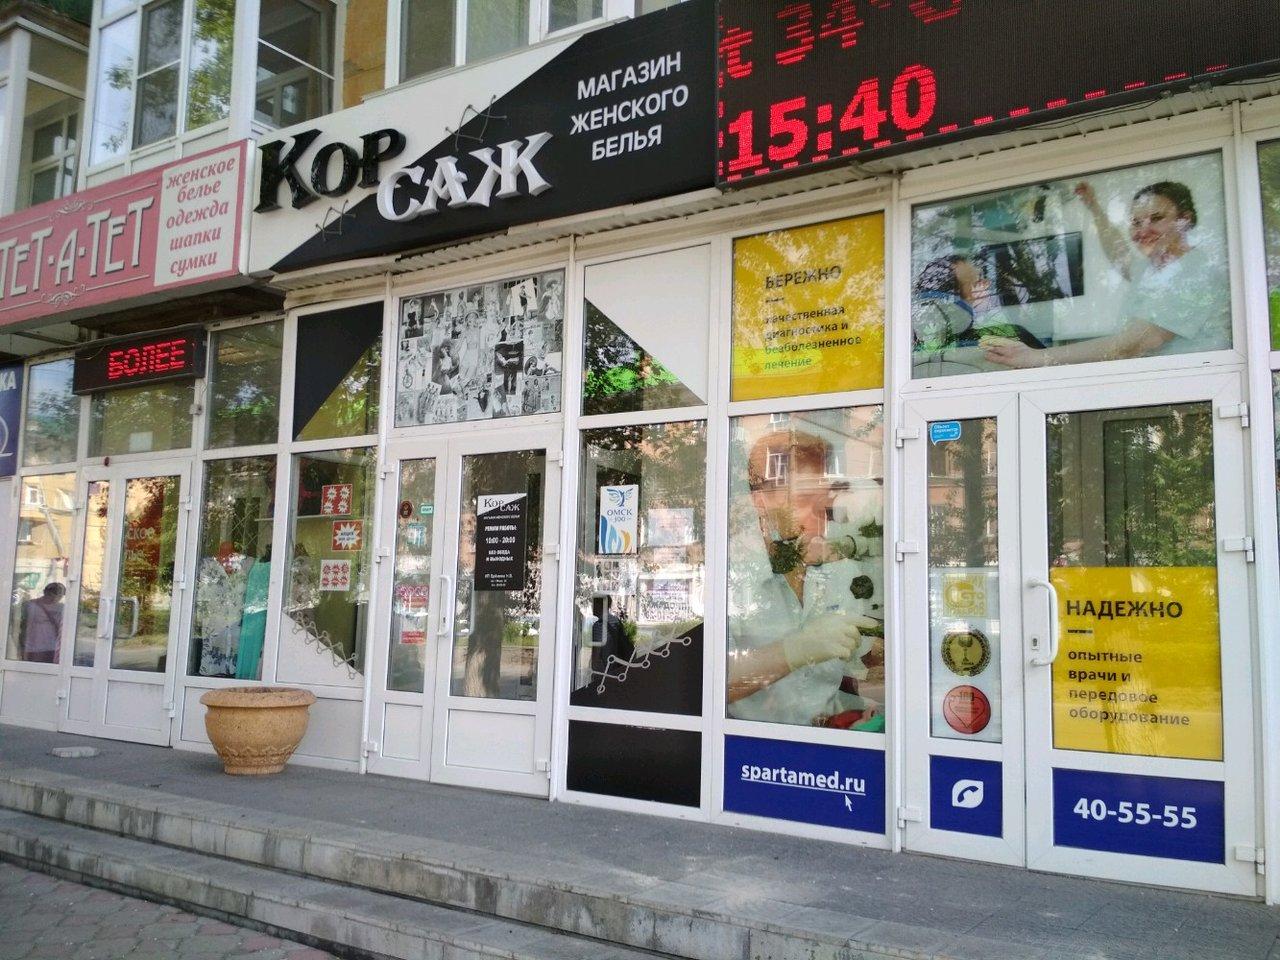 Омск магазин корсаж женского белья каталог стоимость вакуумного массажа аппаратом